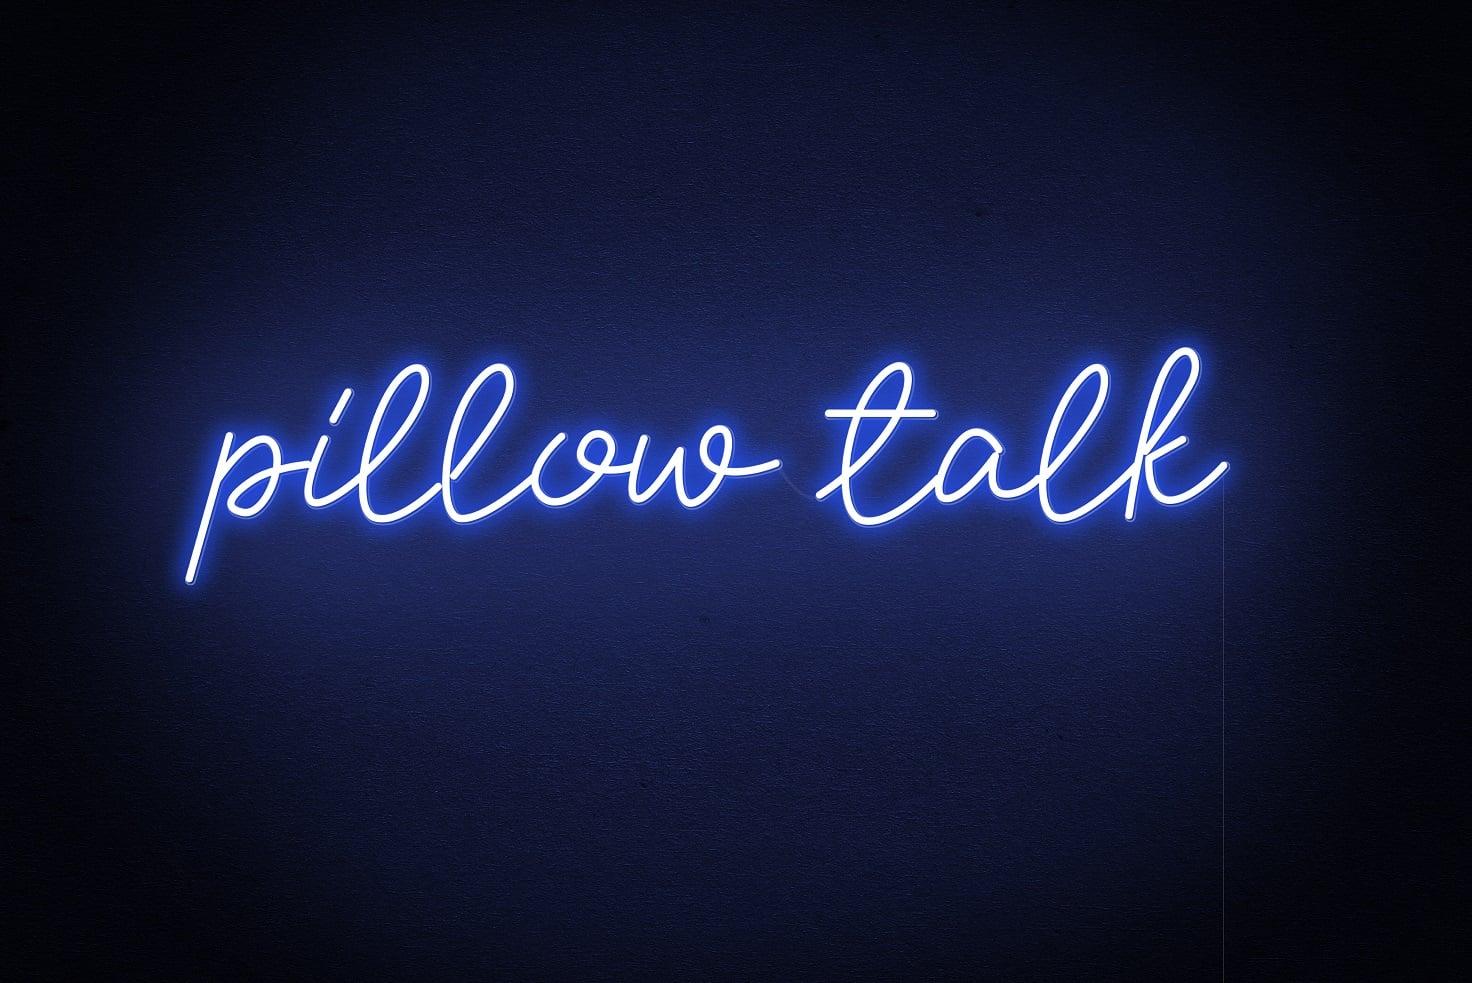 pillow talk neon sign